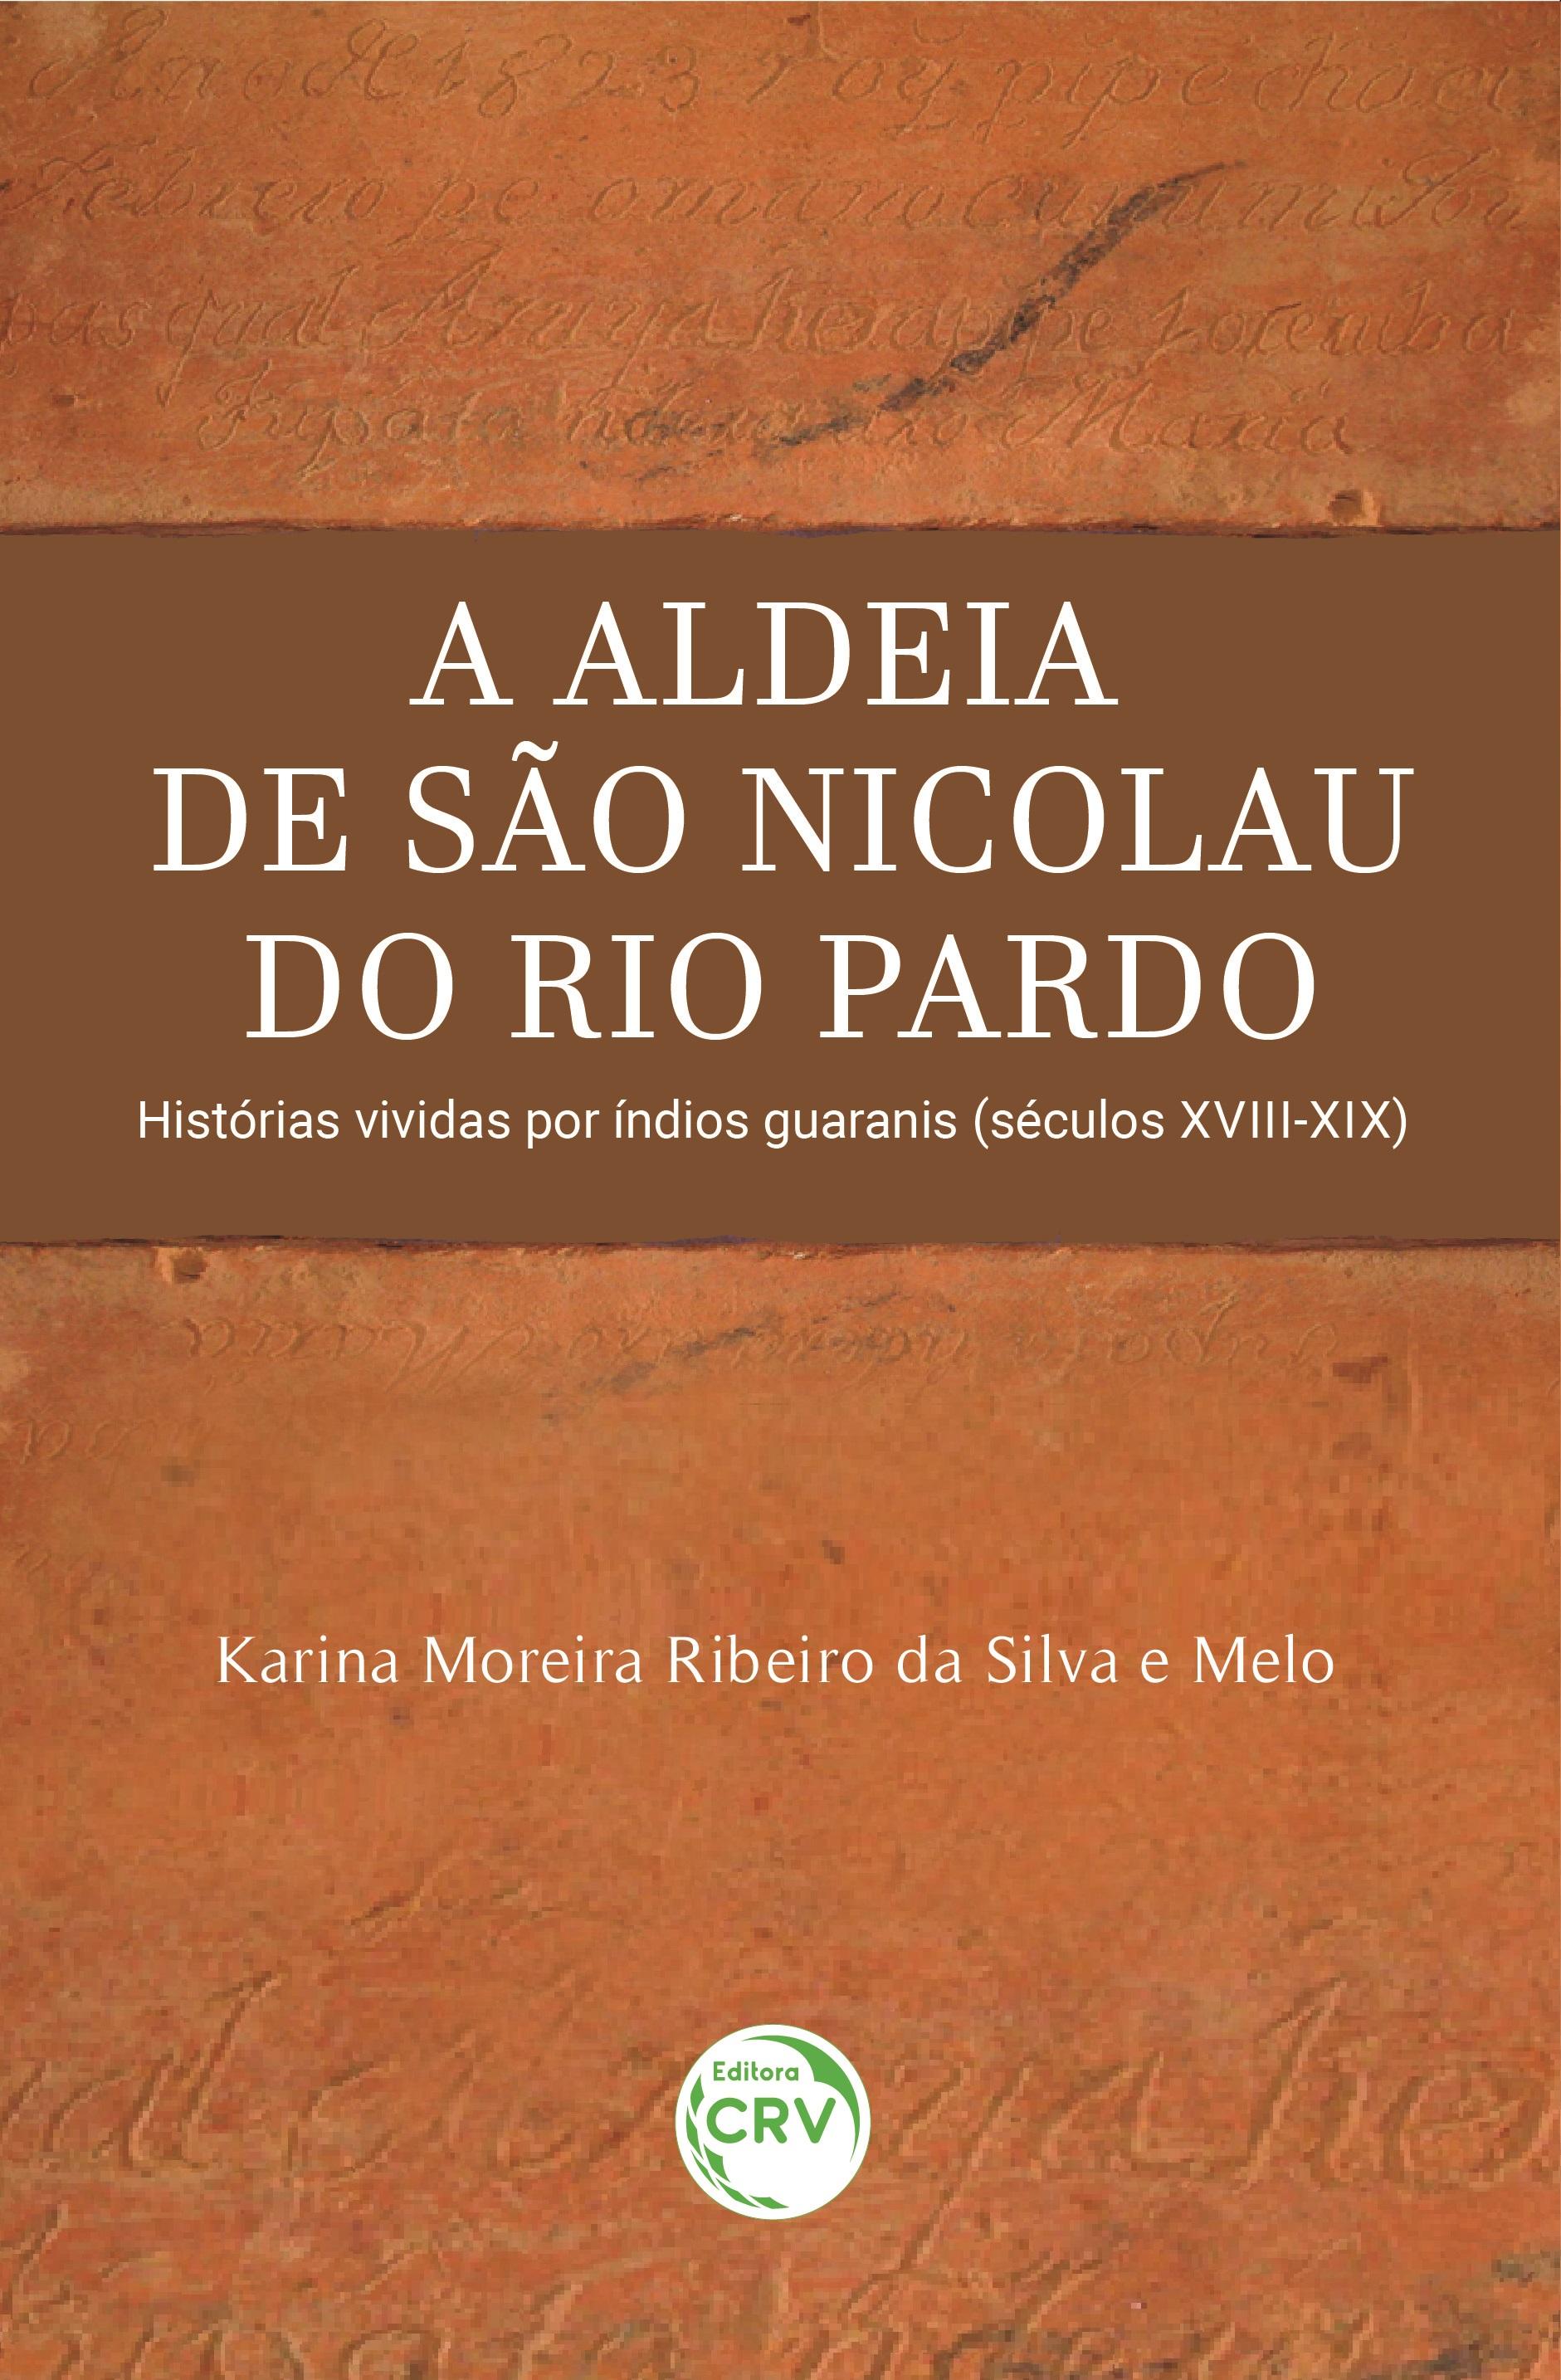 Capa do livro: A ALDEIA DE SÃO NICOLAU DO RIO PARDO:<br> Histórias vividas por índios guaranis (séculos XVIII-XIX)